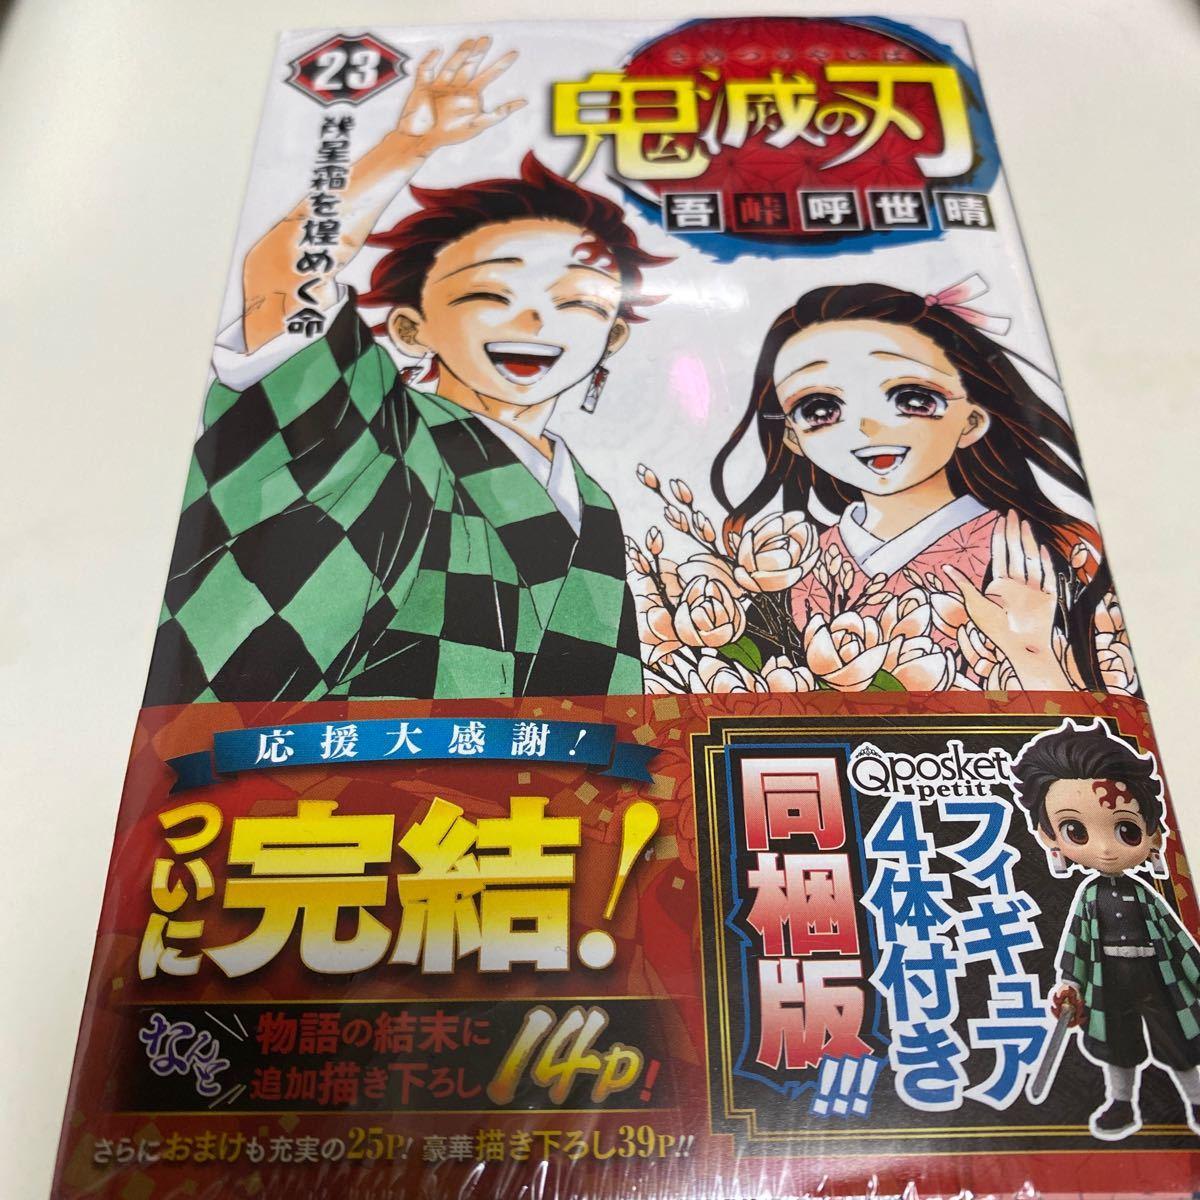 鬼滅の刃23巻 フィギュア4体同梱版 新品未開封シュリンク付き